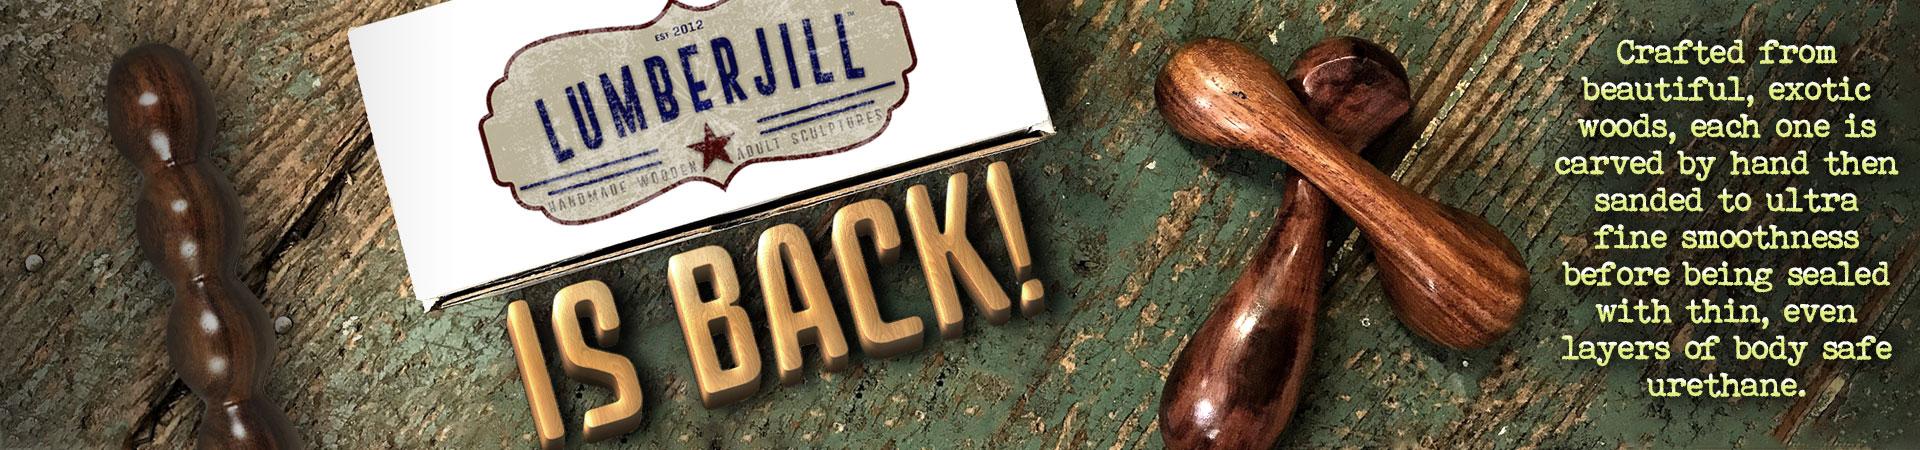 Lumberjill is back!